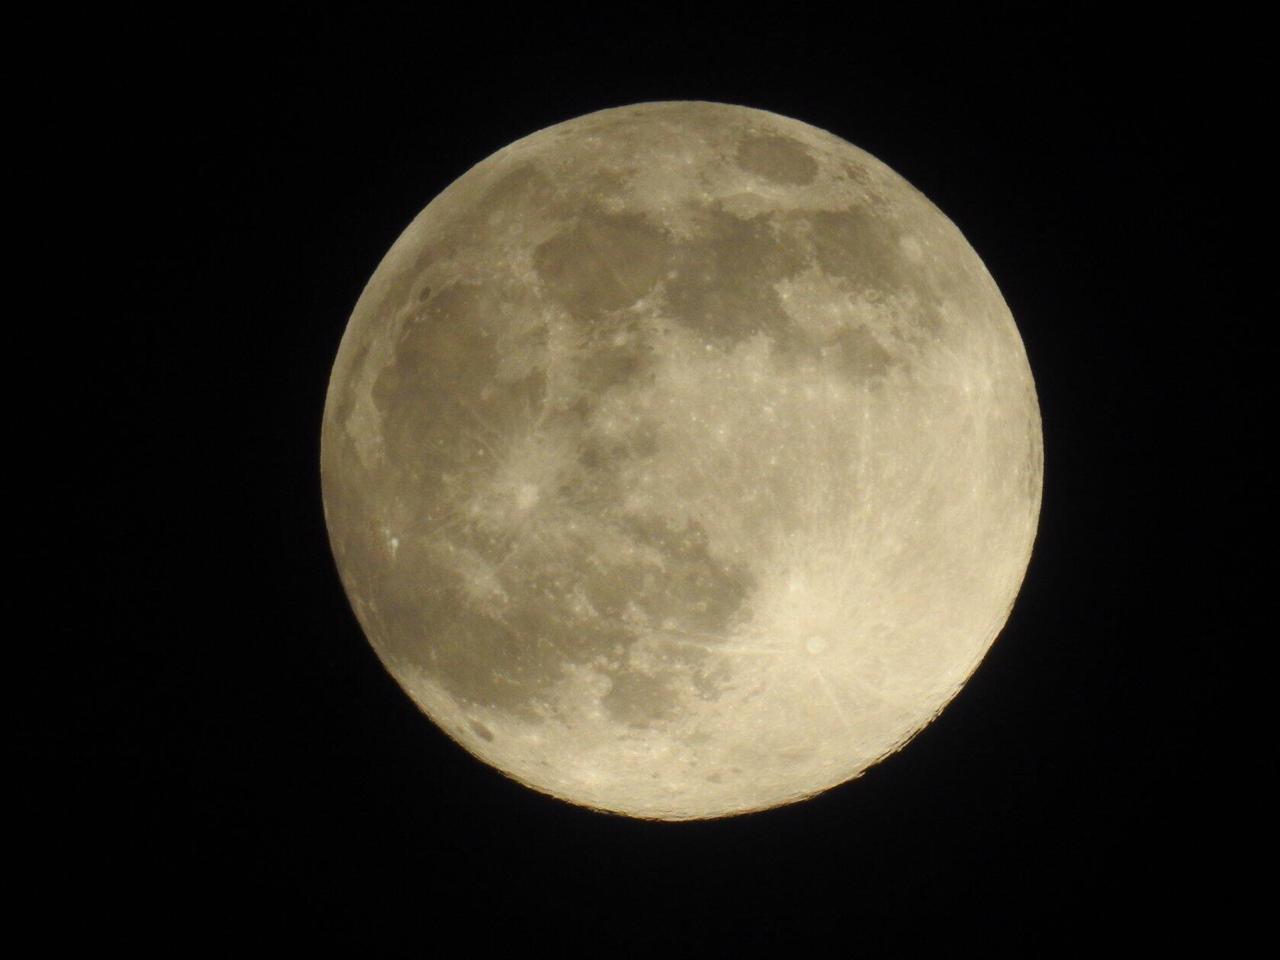 Немного уралмашевской Луны. Сегодня она на самом деле очень яркая и огромная